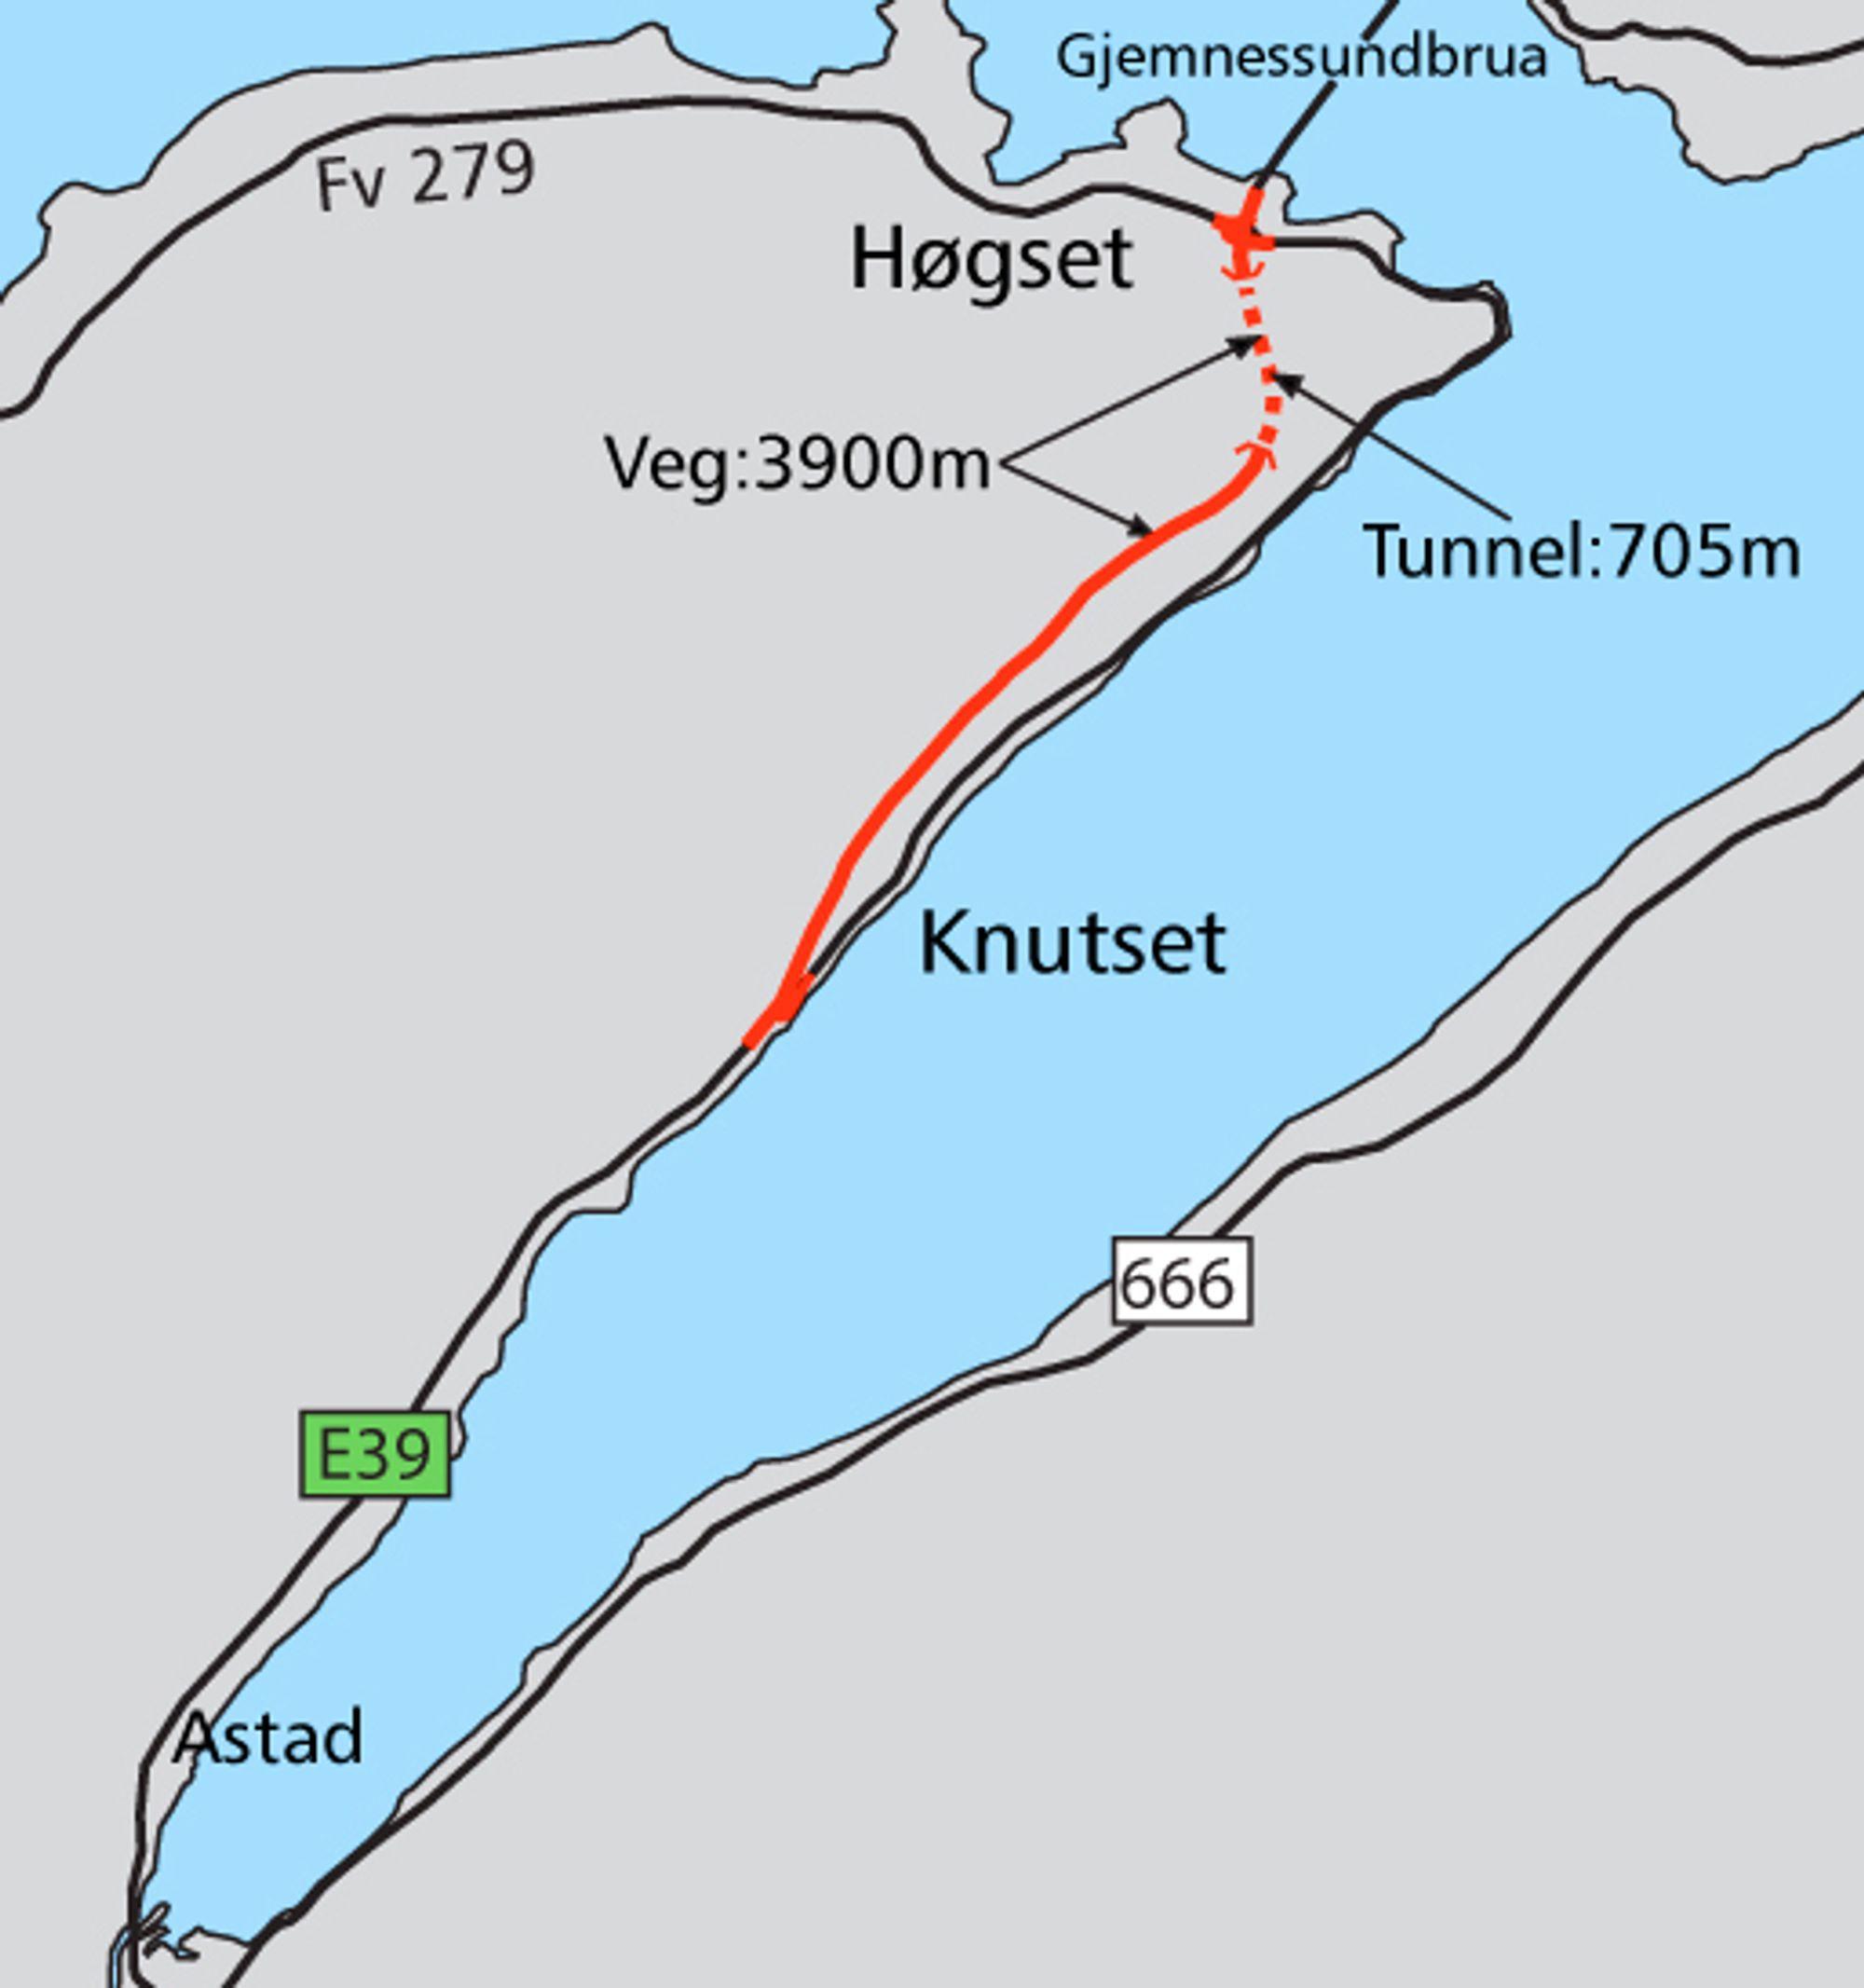 Her er Knutset markert som søndre endepunkt for den nye E 39. Går det som Vegvesenet vil, gir Stortinget grønt lys for en forlengelse videre sørover i løpet av vårsesjonen.